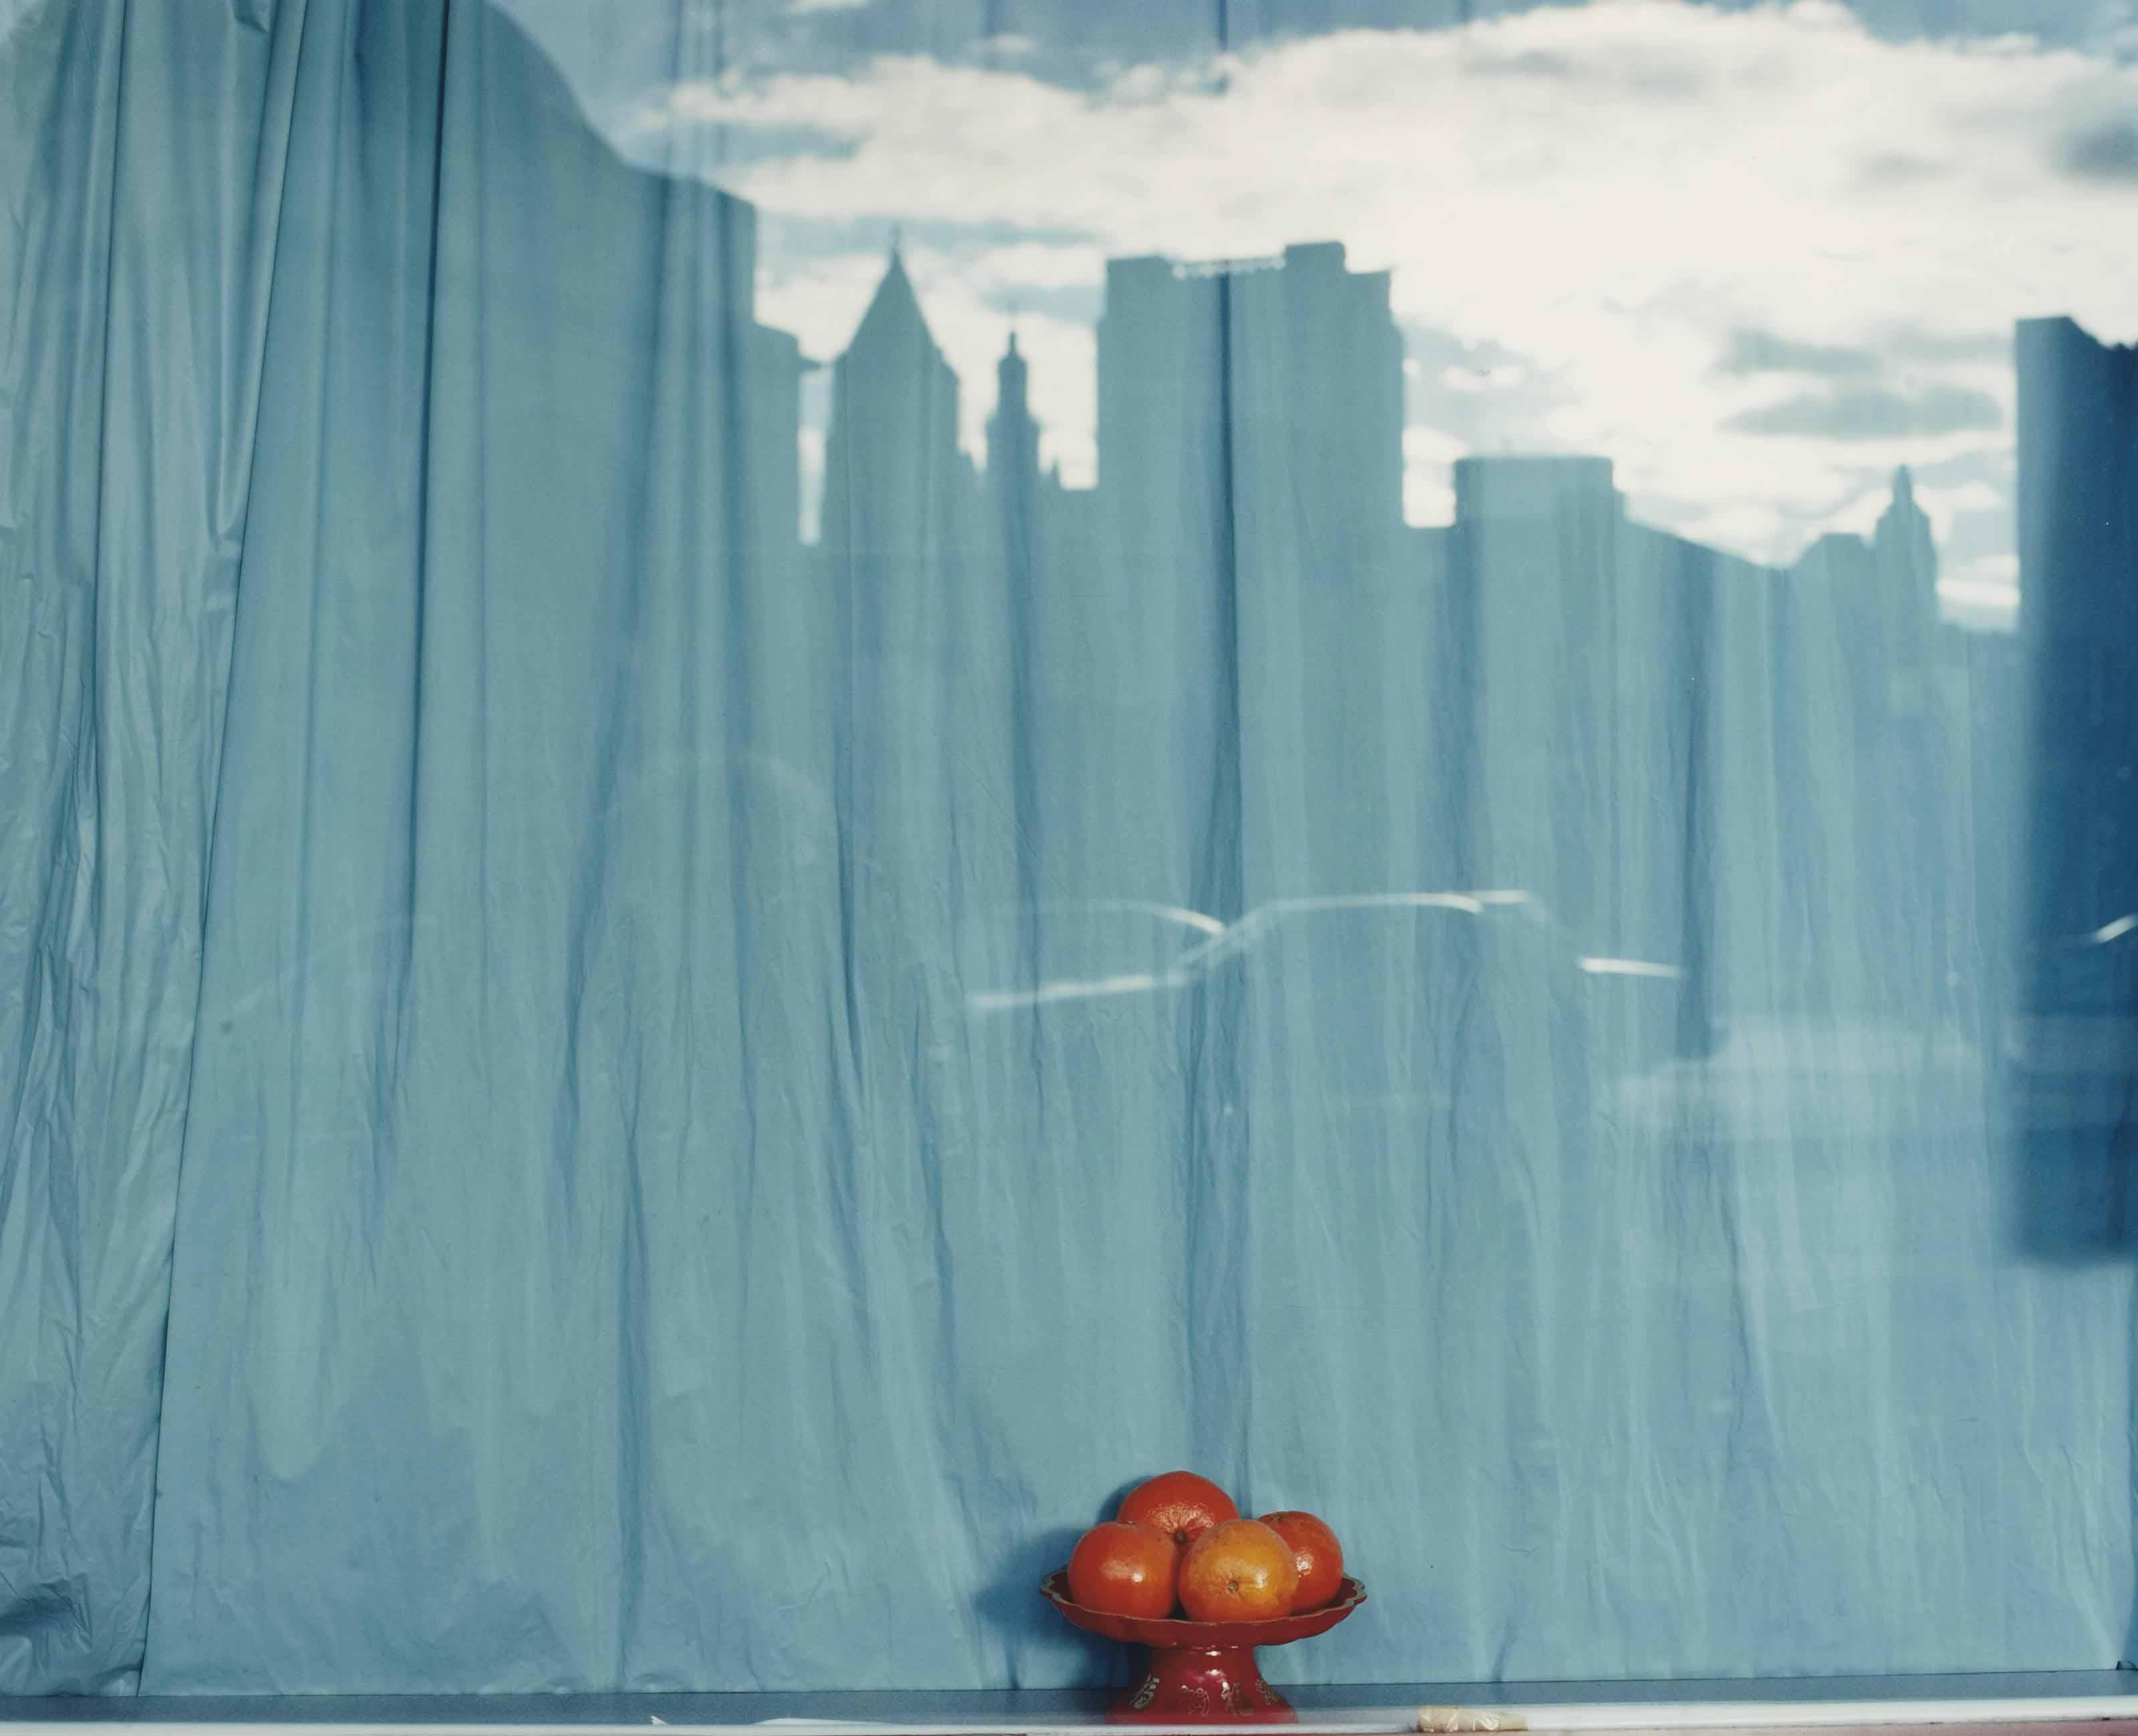 Sans titre (Blue curtain and orange), New York City, NY, 2001